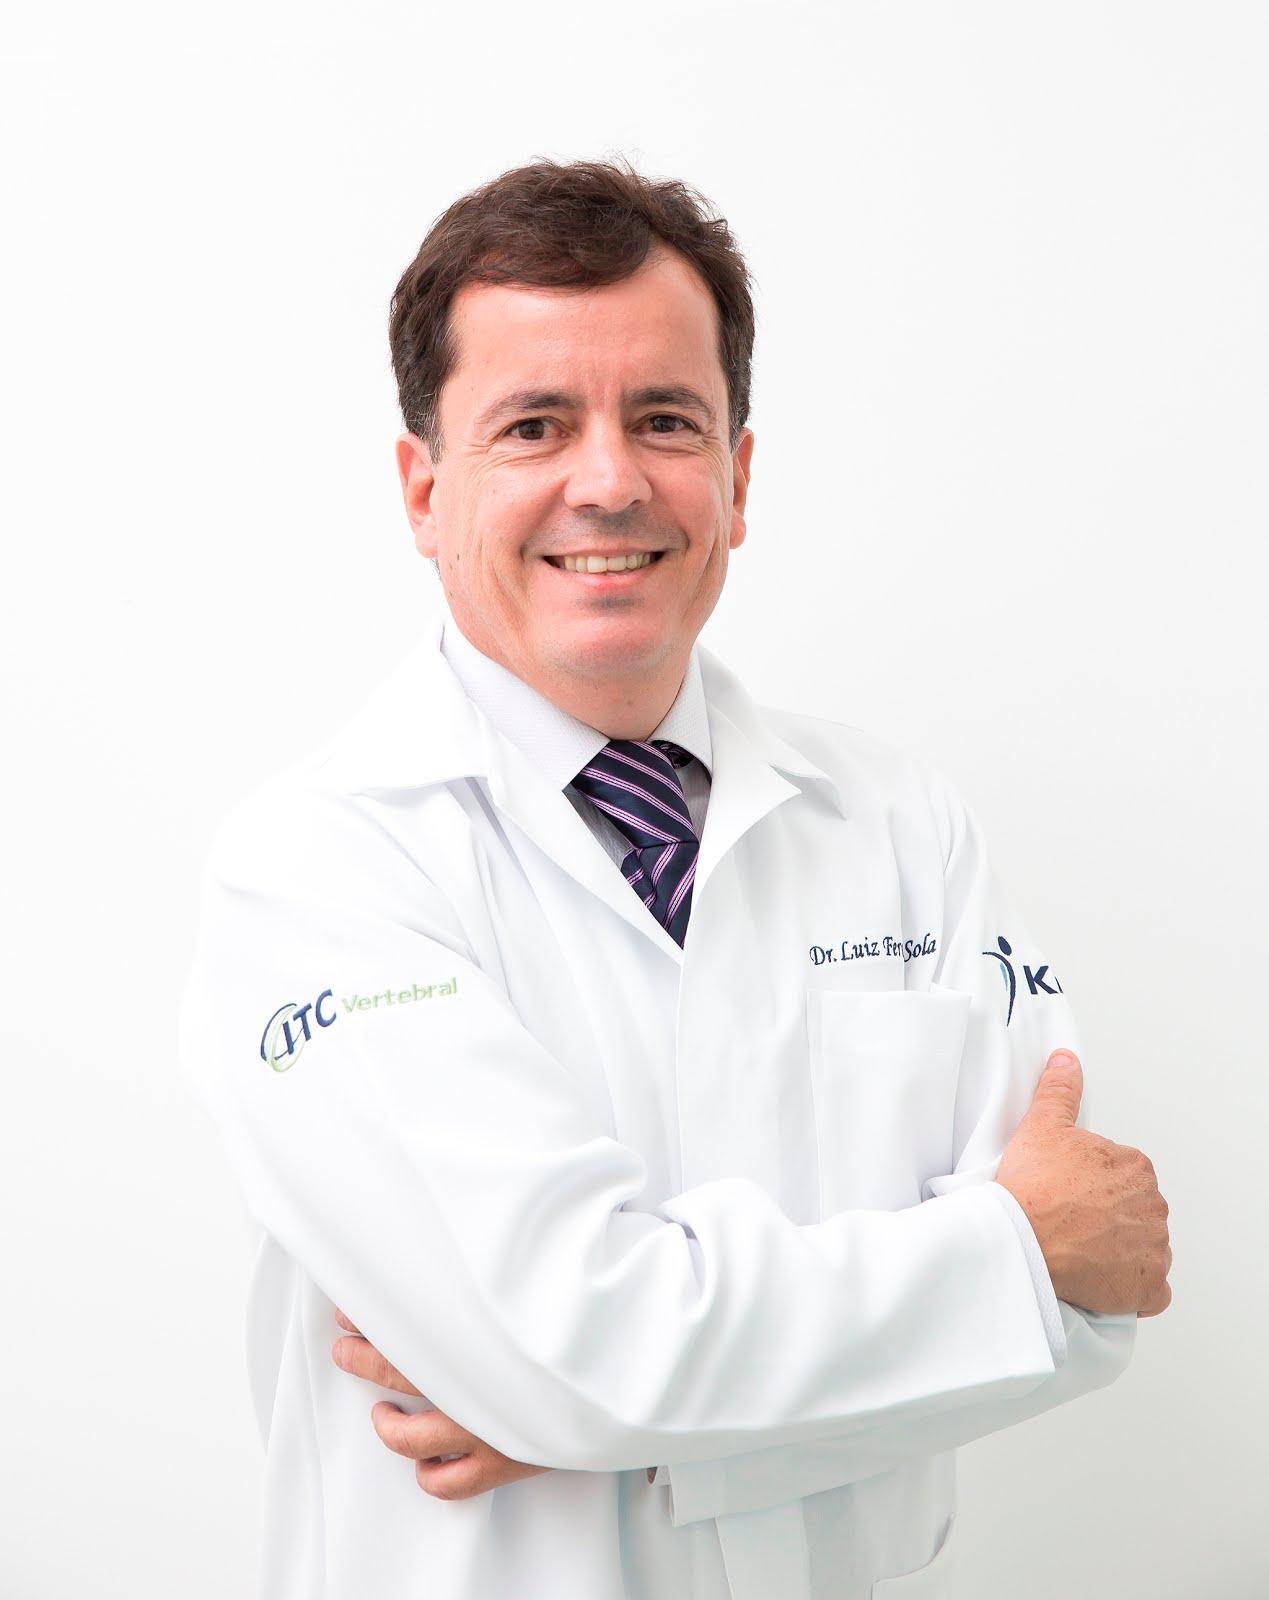 Dr. Luiz Fernando Sola